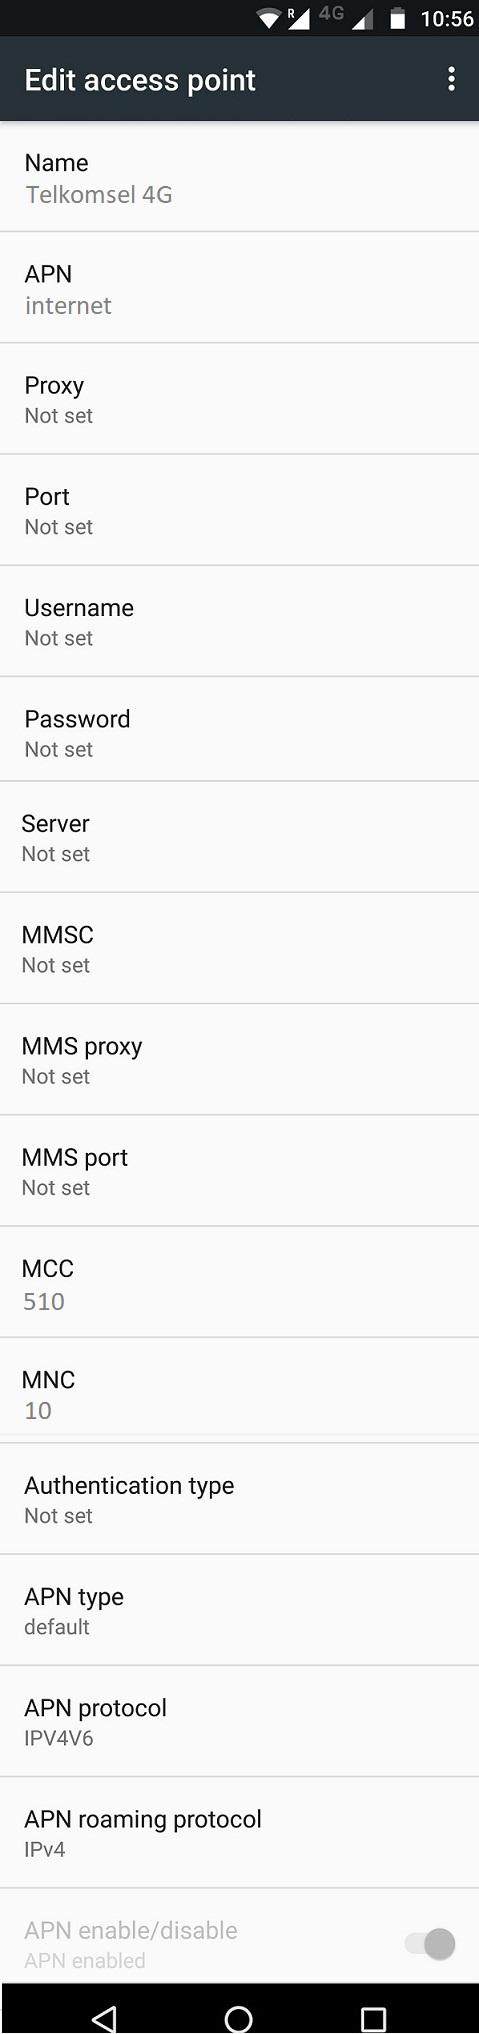 Cara Setting 4g Apn Telkomsel Di Android 2020 4g Lte Apn Indonesia